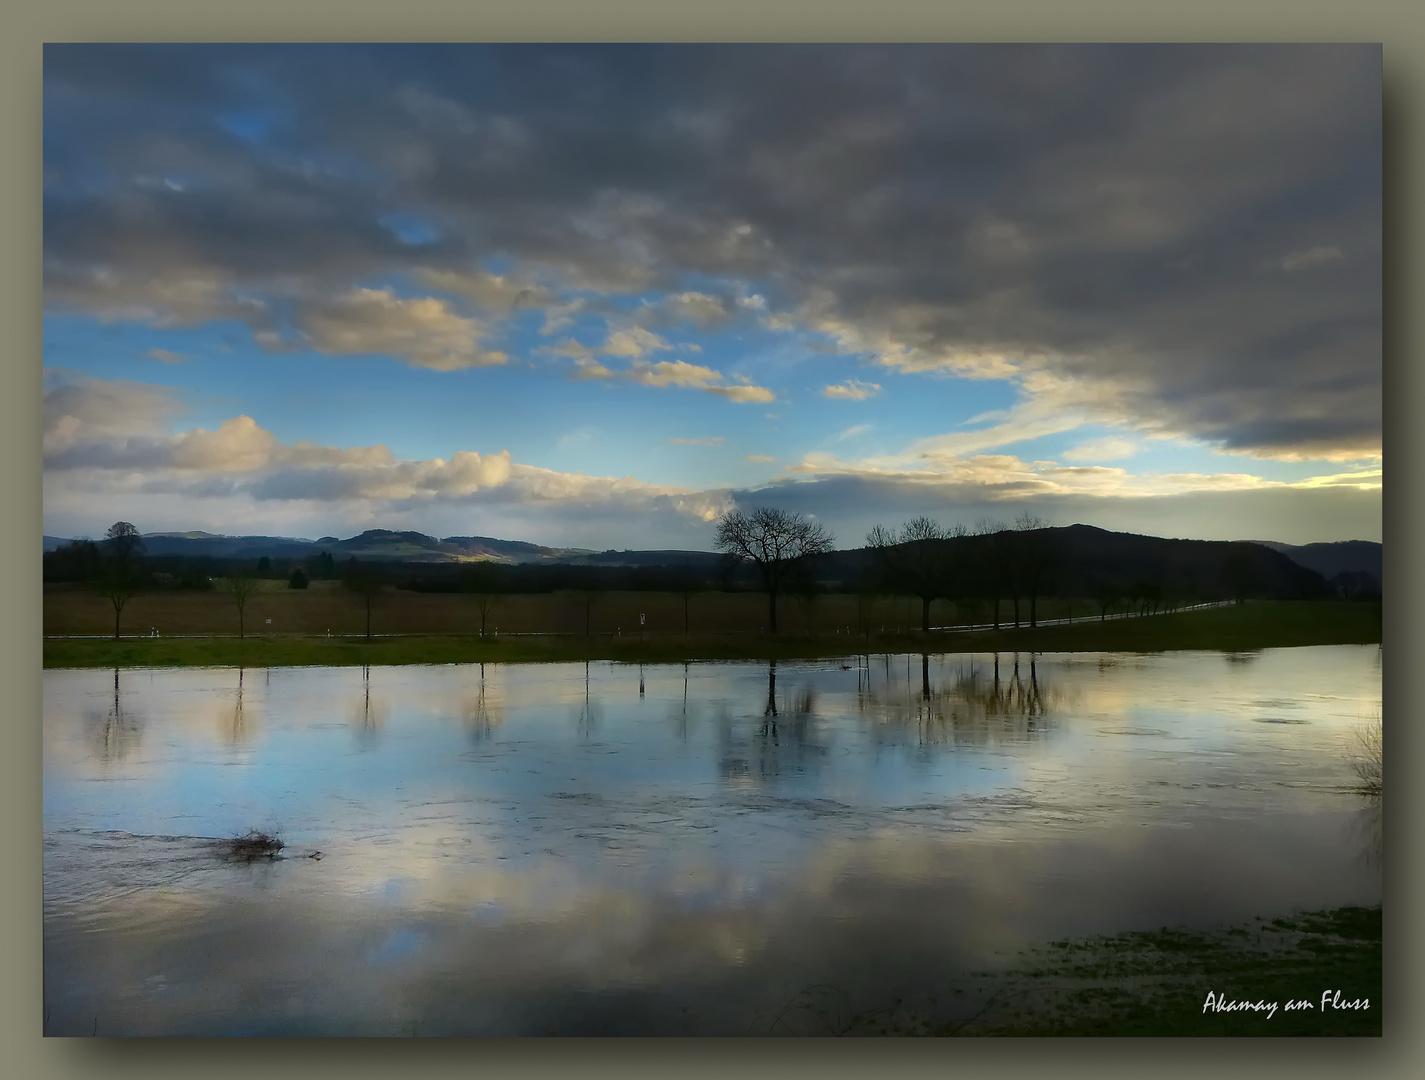 Hochwasser Weser